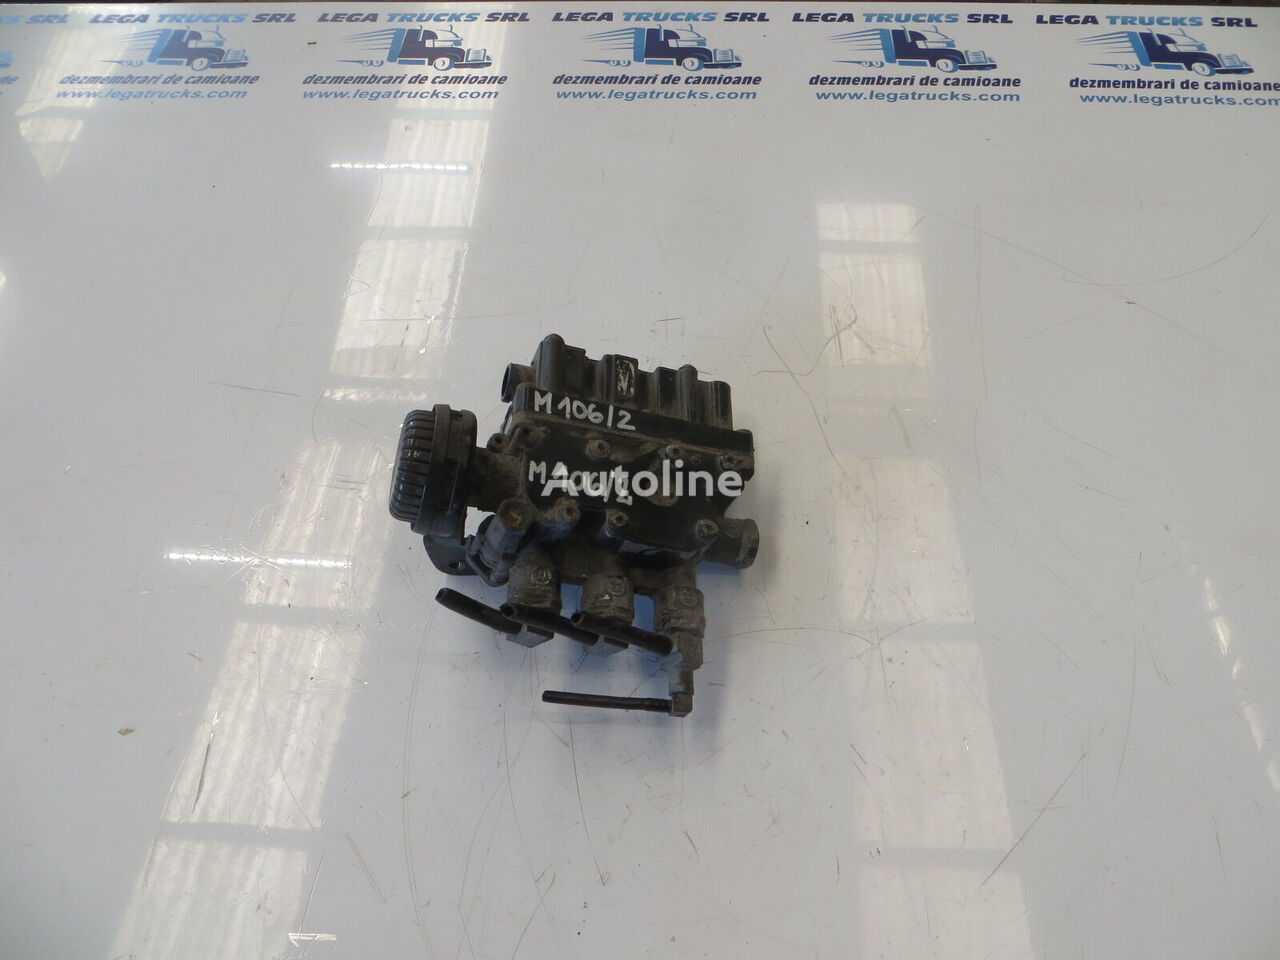 MAN (M106/2) válvula neumática para MAN TGA tractora